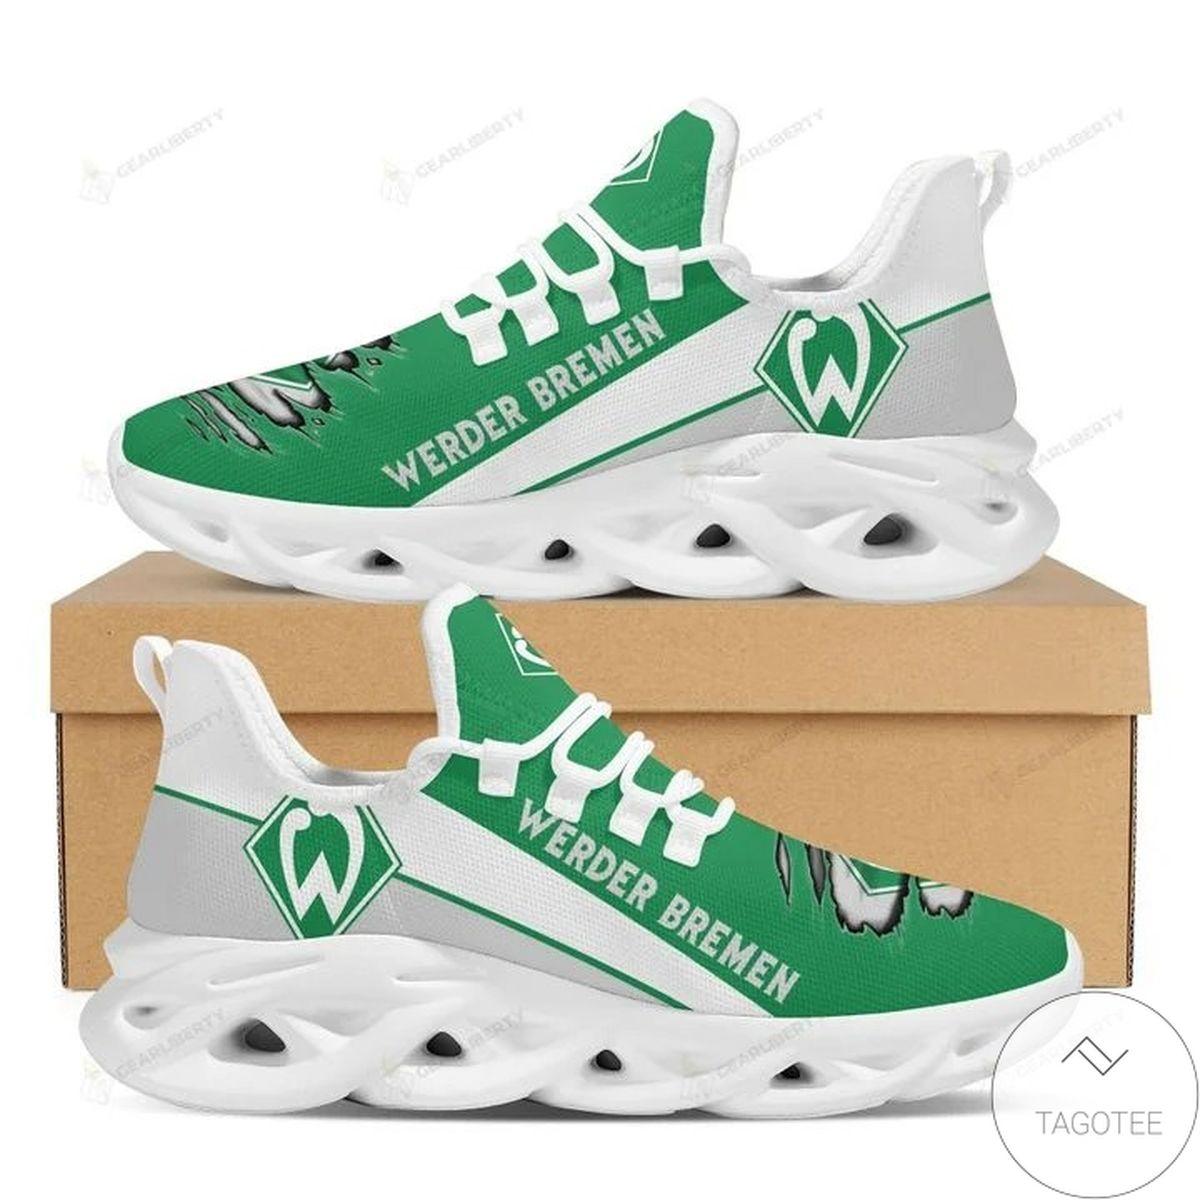 Bundesliga Werder Bremen Logo Max Soul Shoes